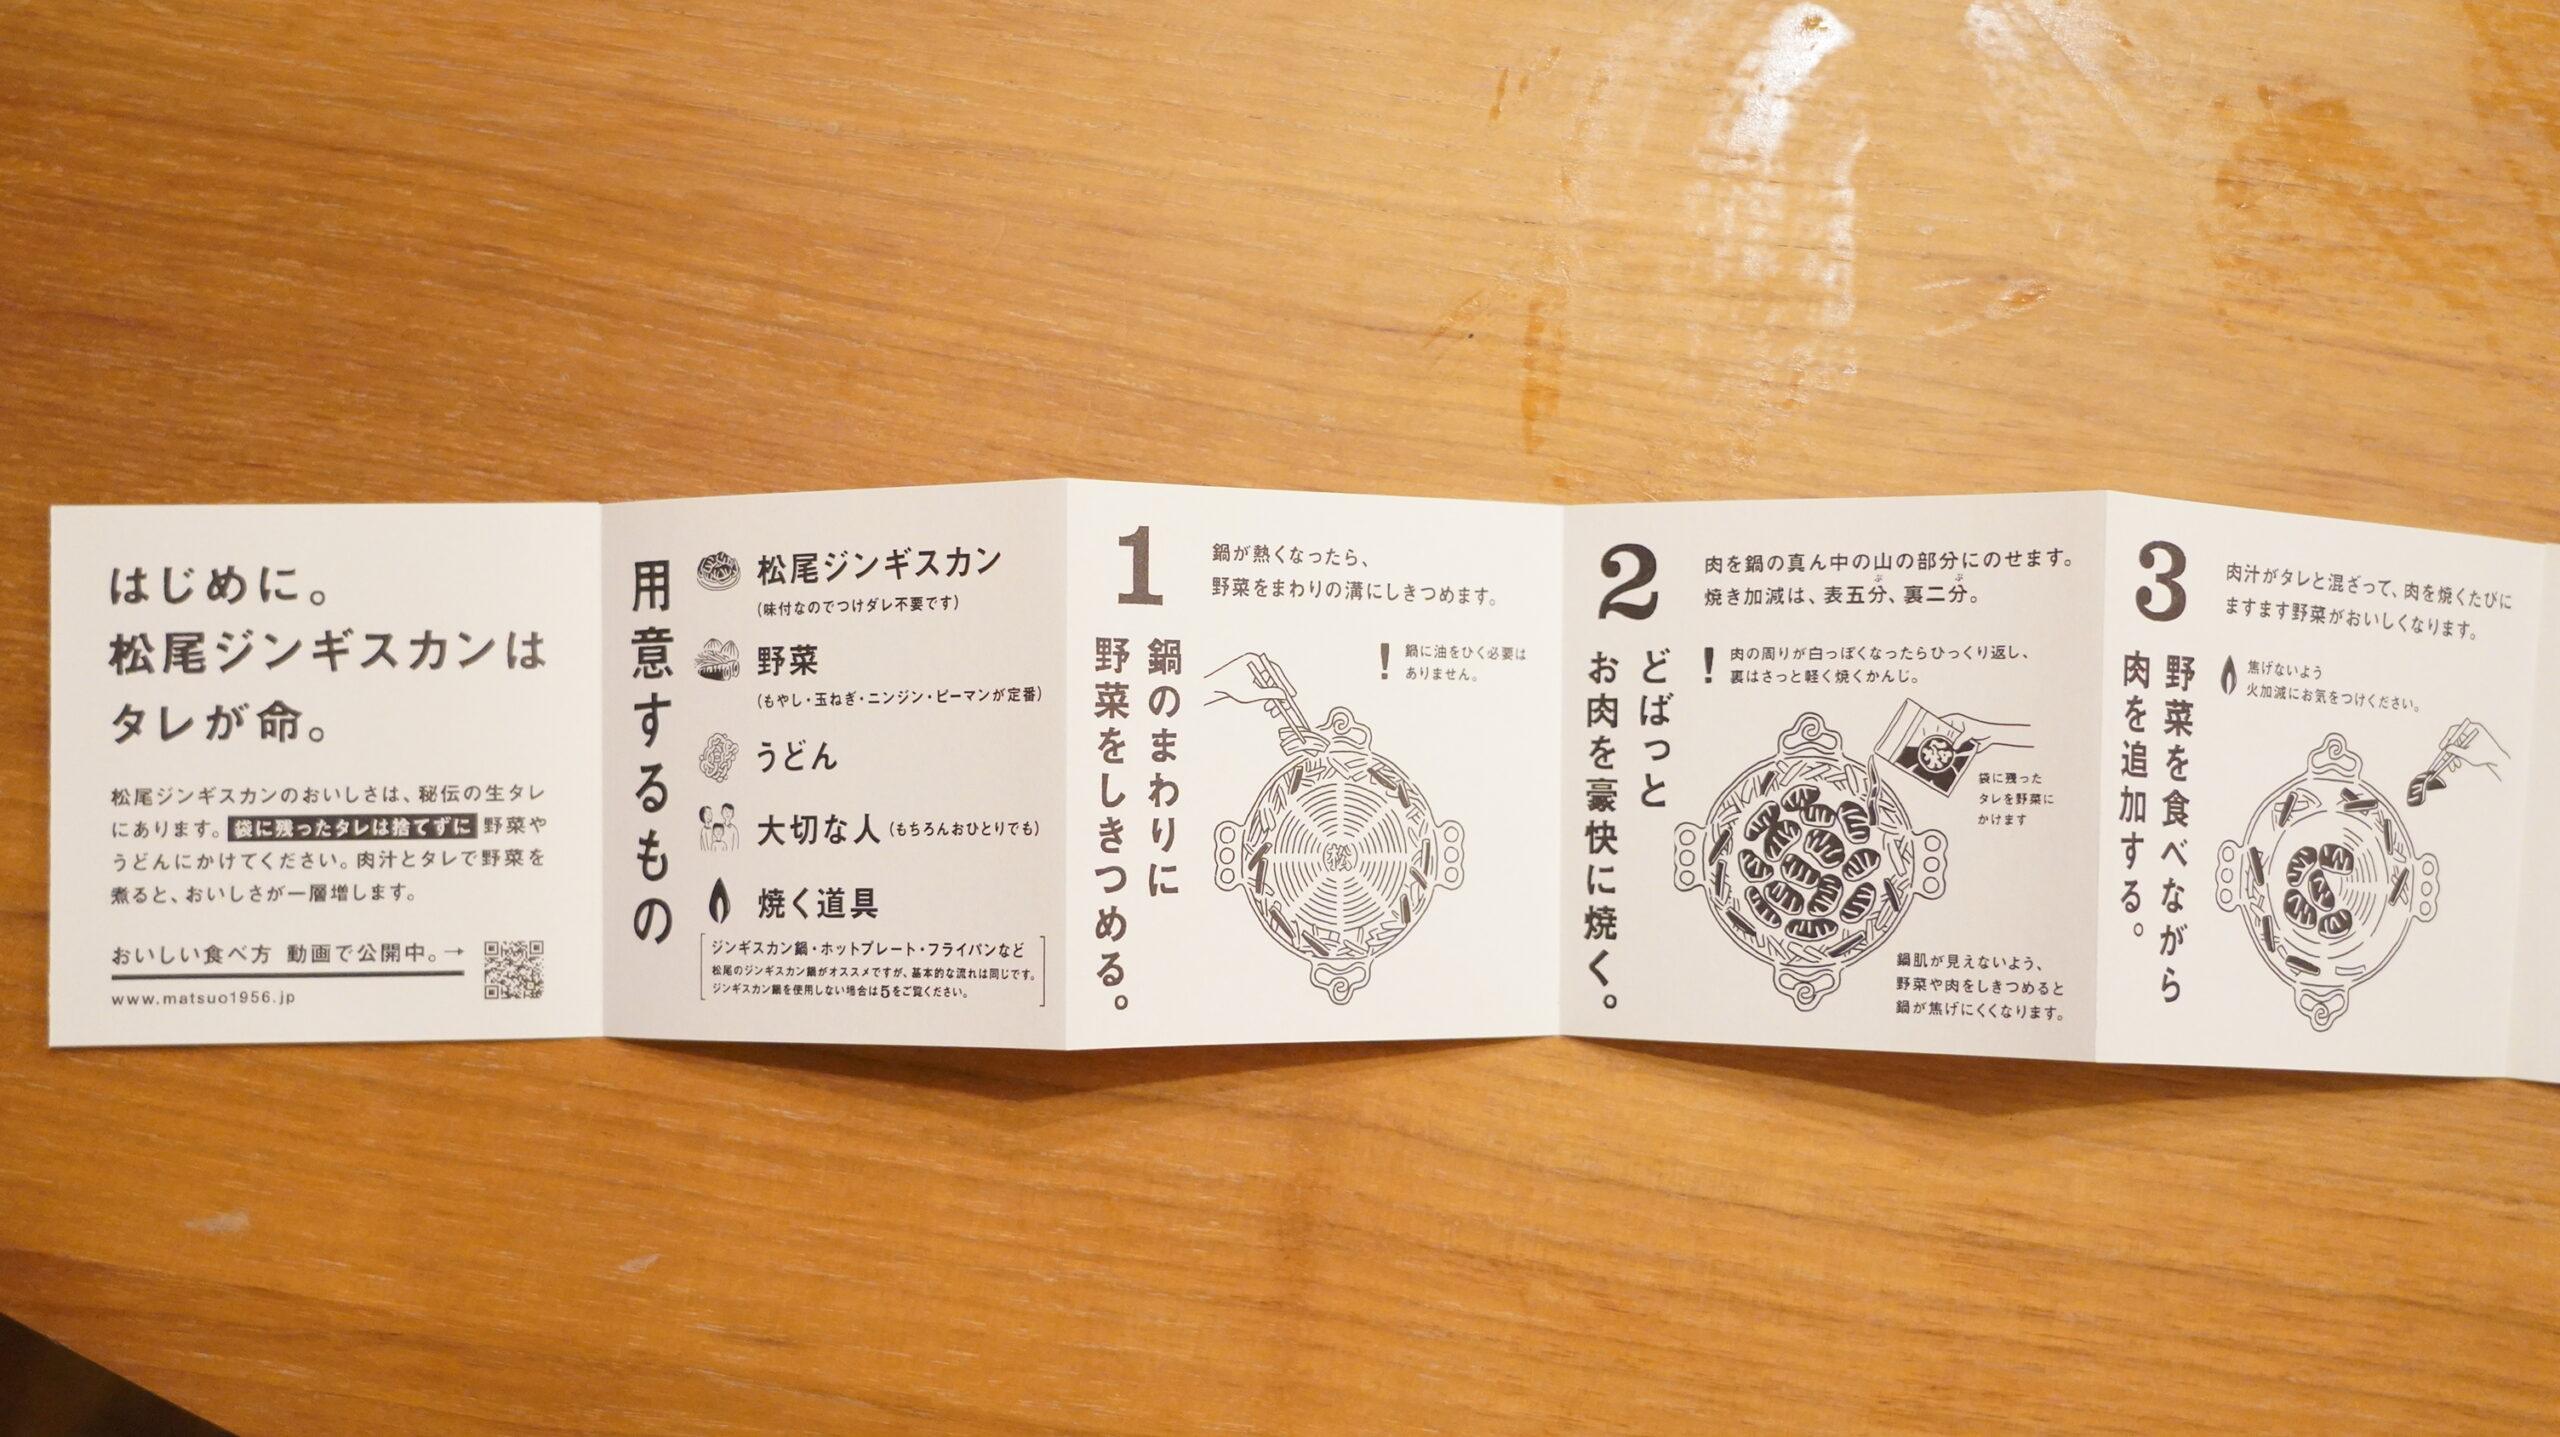 松尾ジンギスカンを通販でお取り寄せした際についてくる説明書を開いた写真